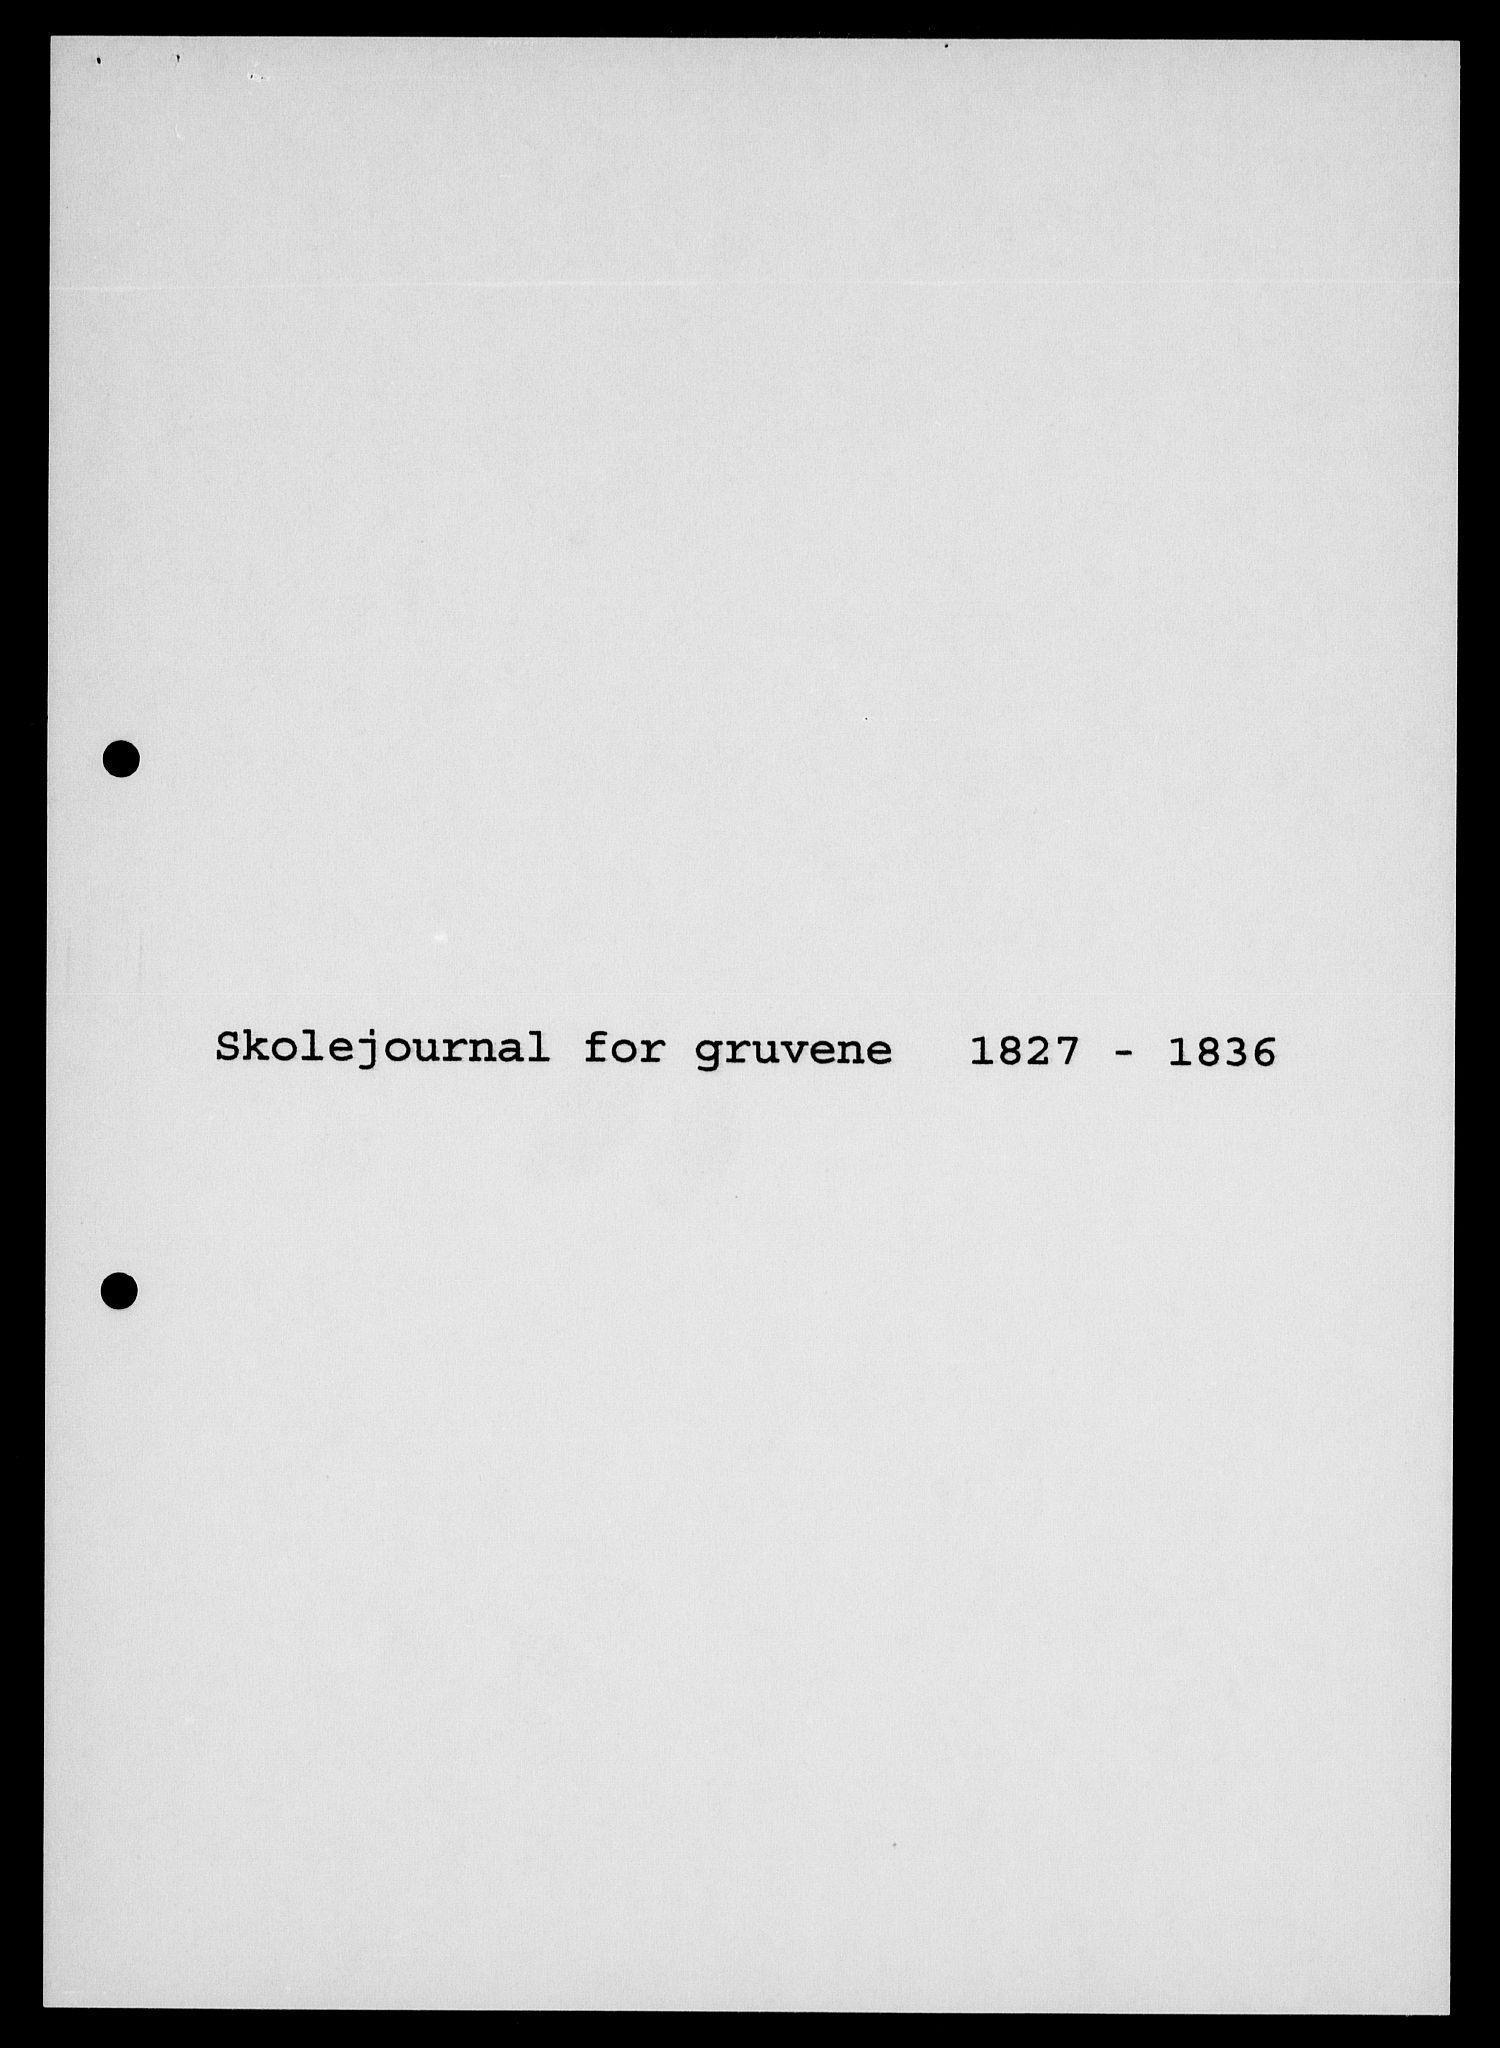 RA, Modums Blaafarveværk, G/Gi/L0381, 1823-1848, s. 173